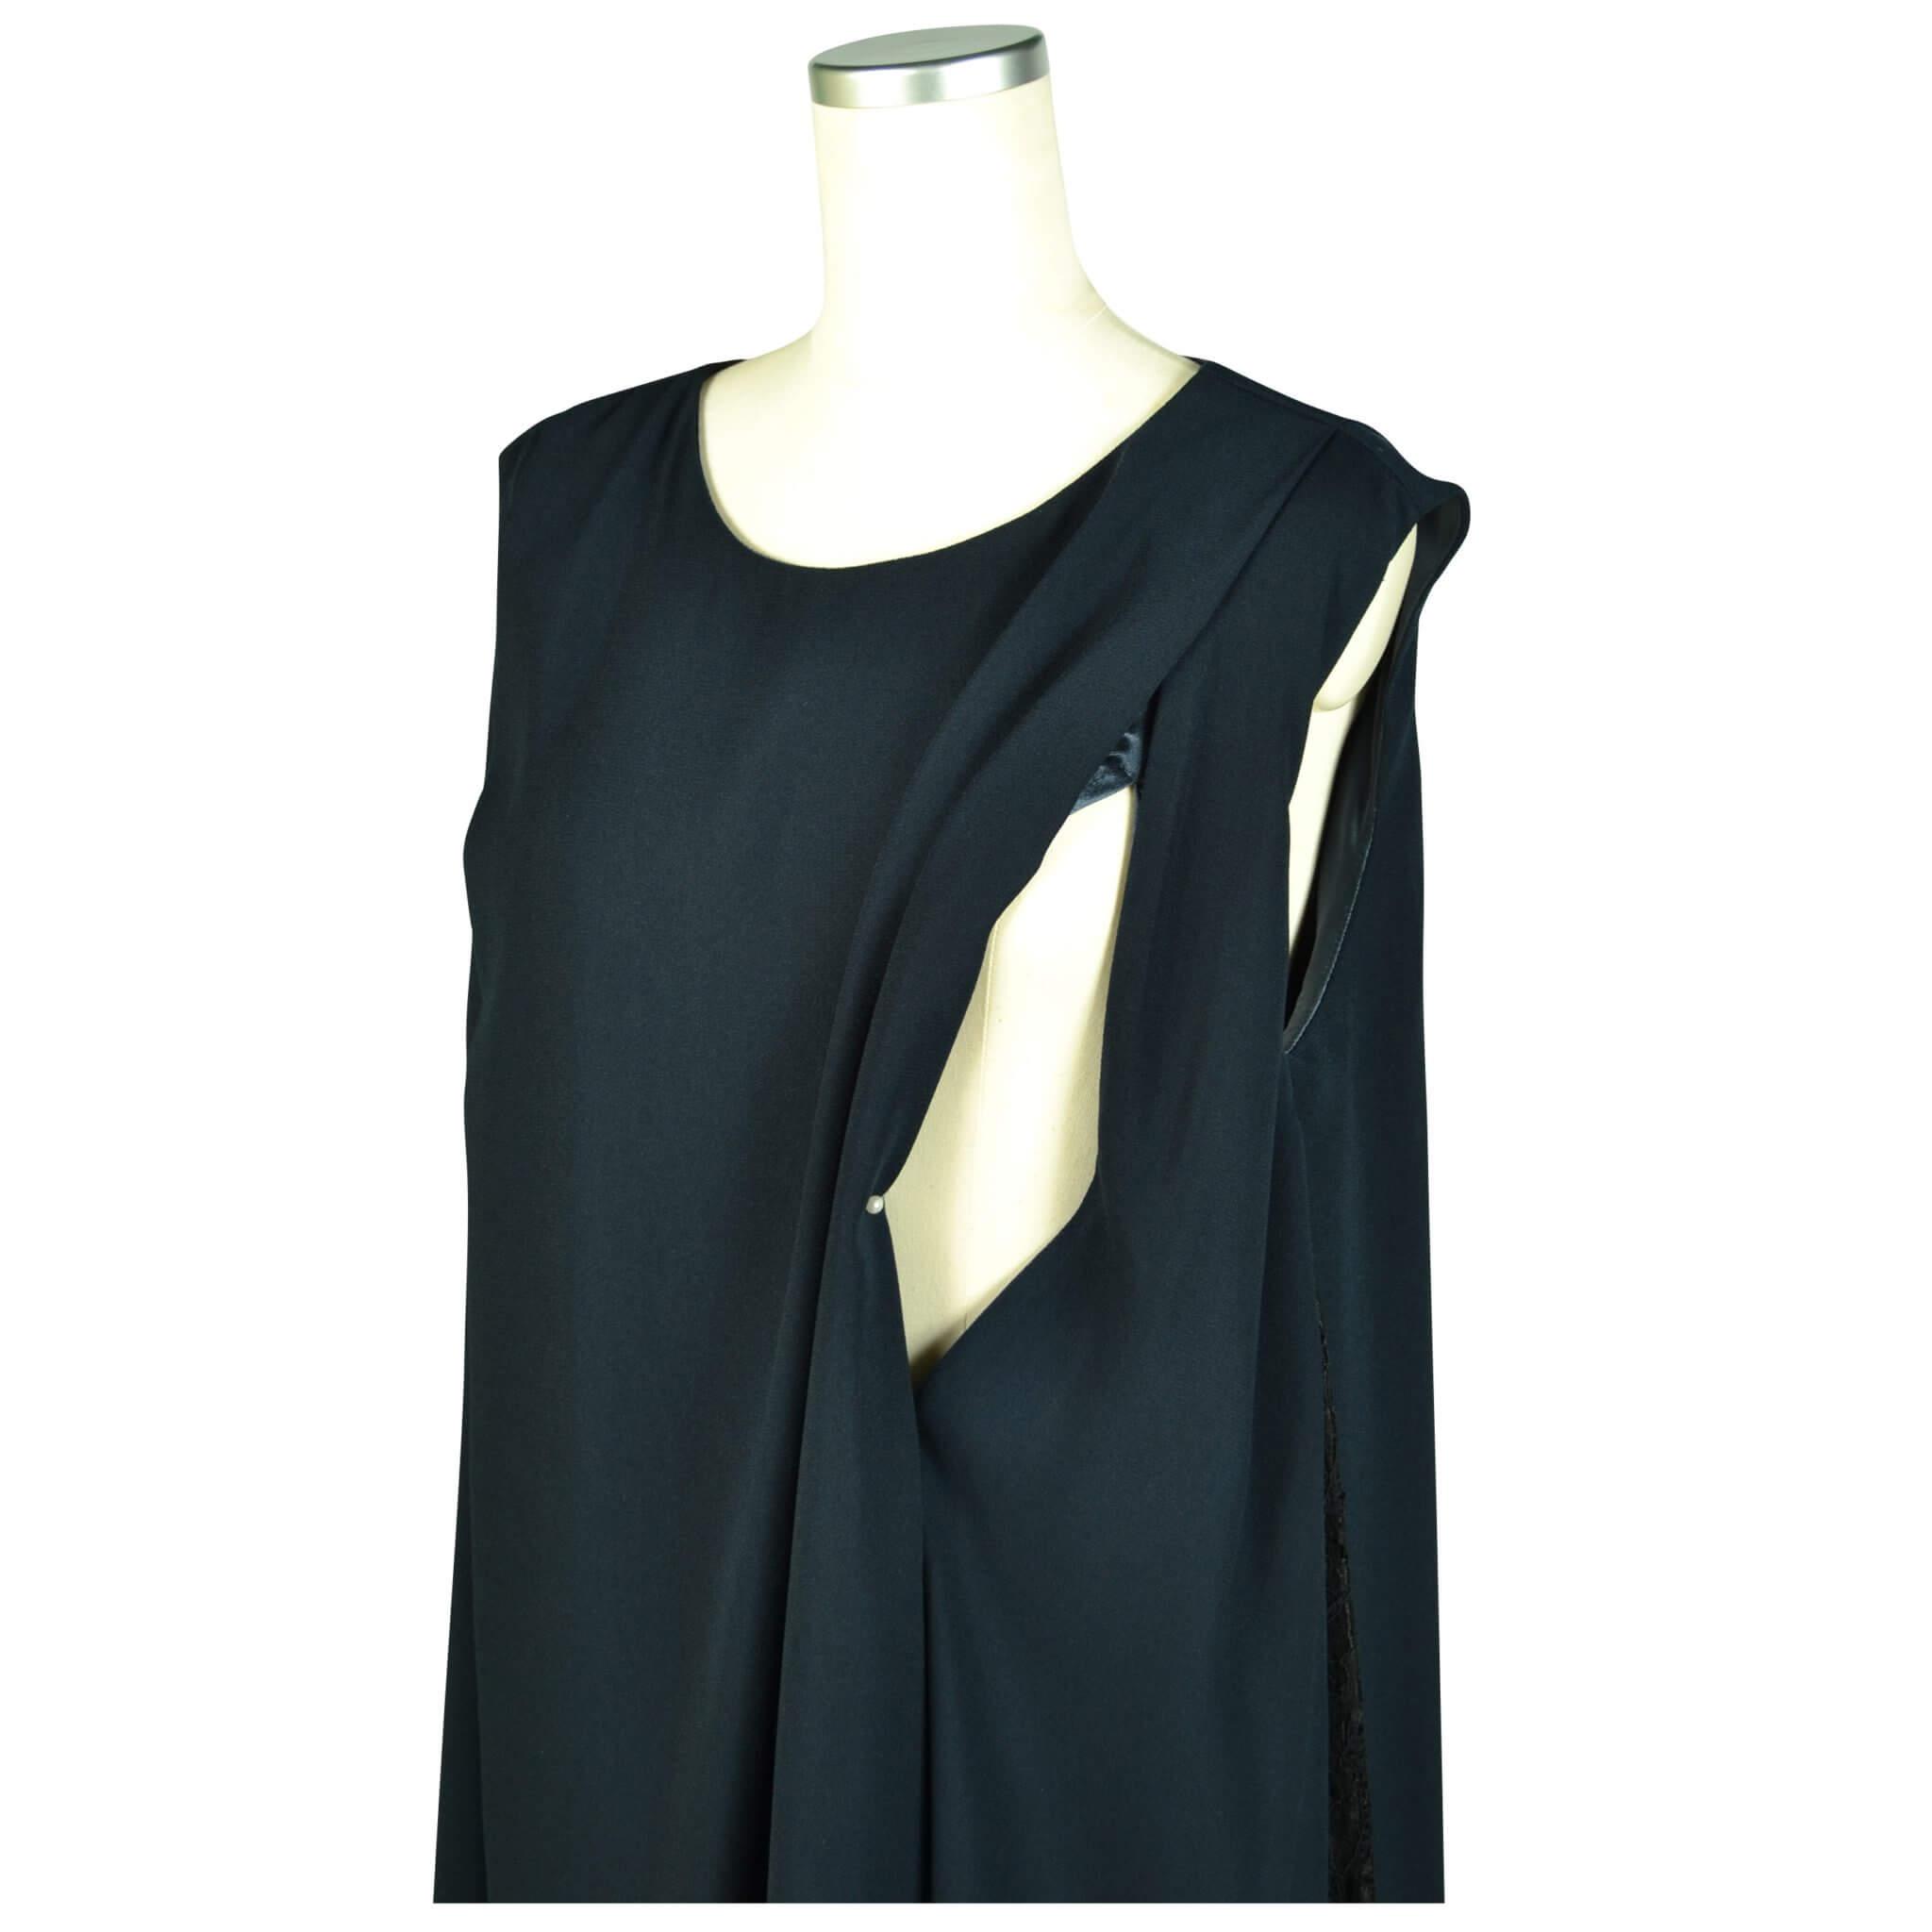 ビヲミナ 【授乳OK】ゆったりサイドレースネイビードレスセット